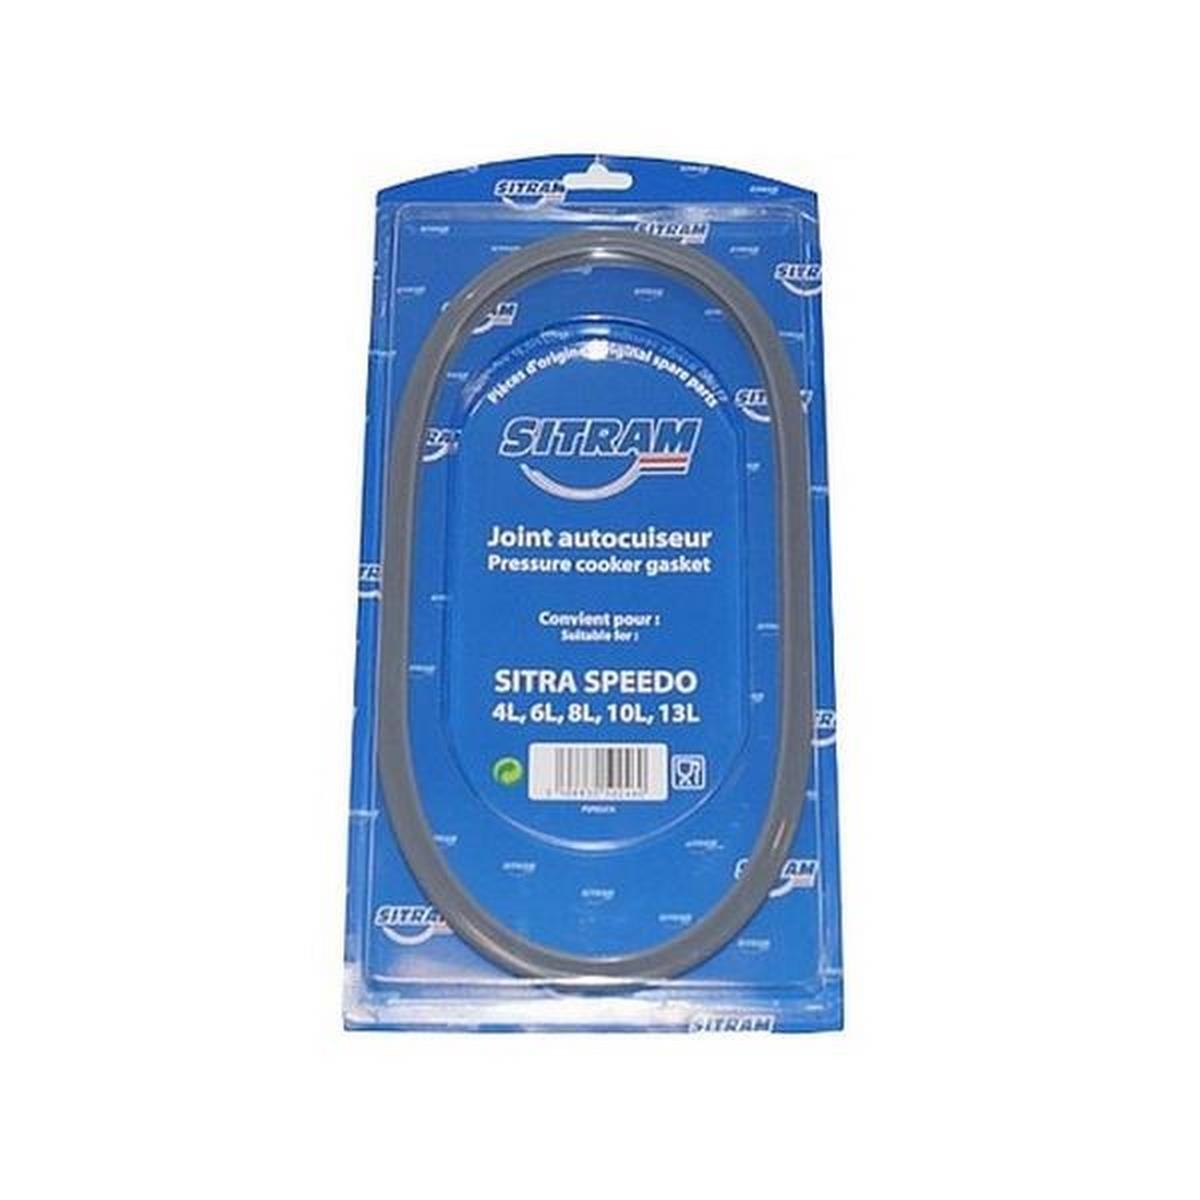 Joint de couvercle SITRAM SITRASPEEDO 4-13L pour Cocotte minute SITRAM